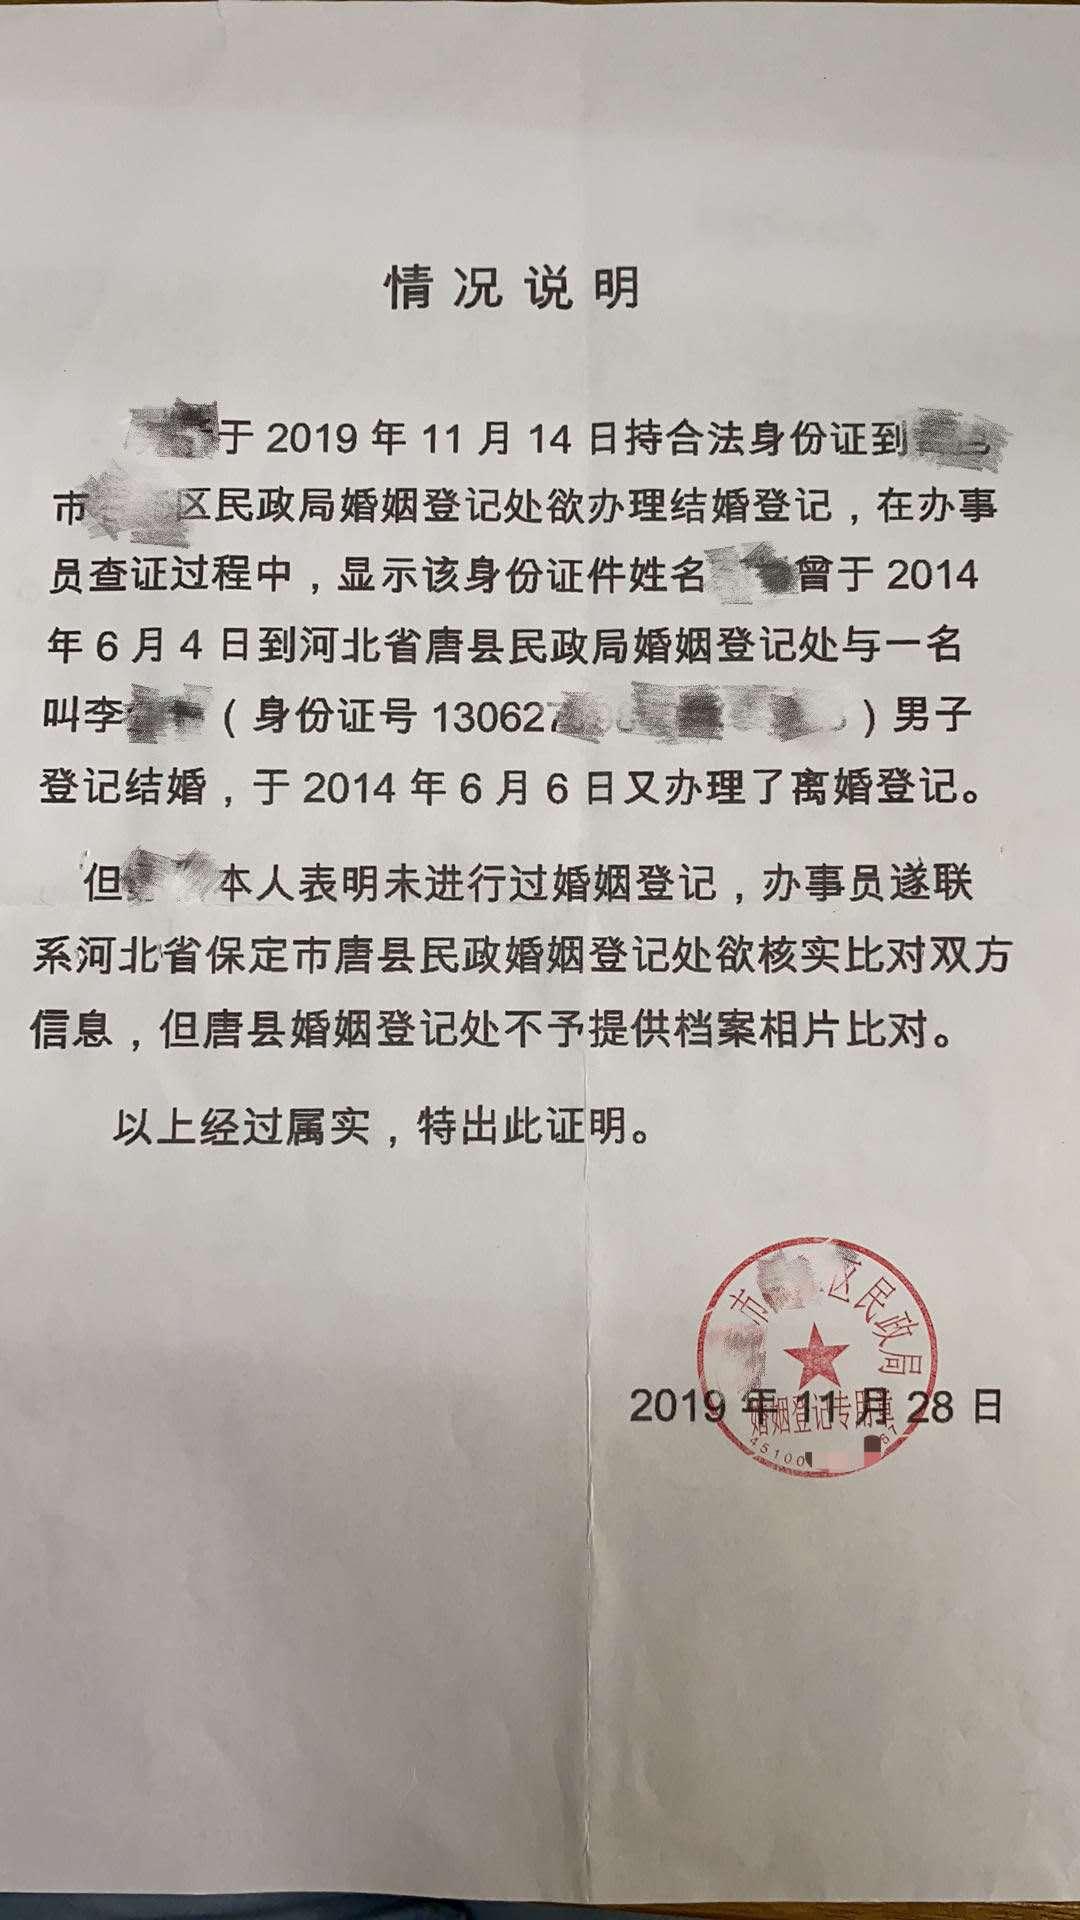 广西当地民政局为苏女士出具的《情况说明》。